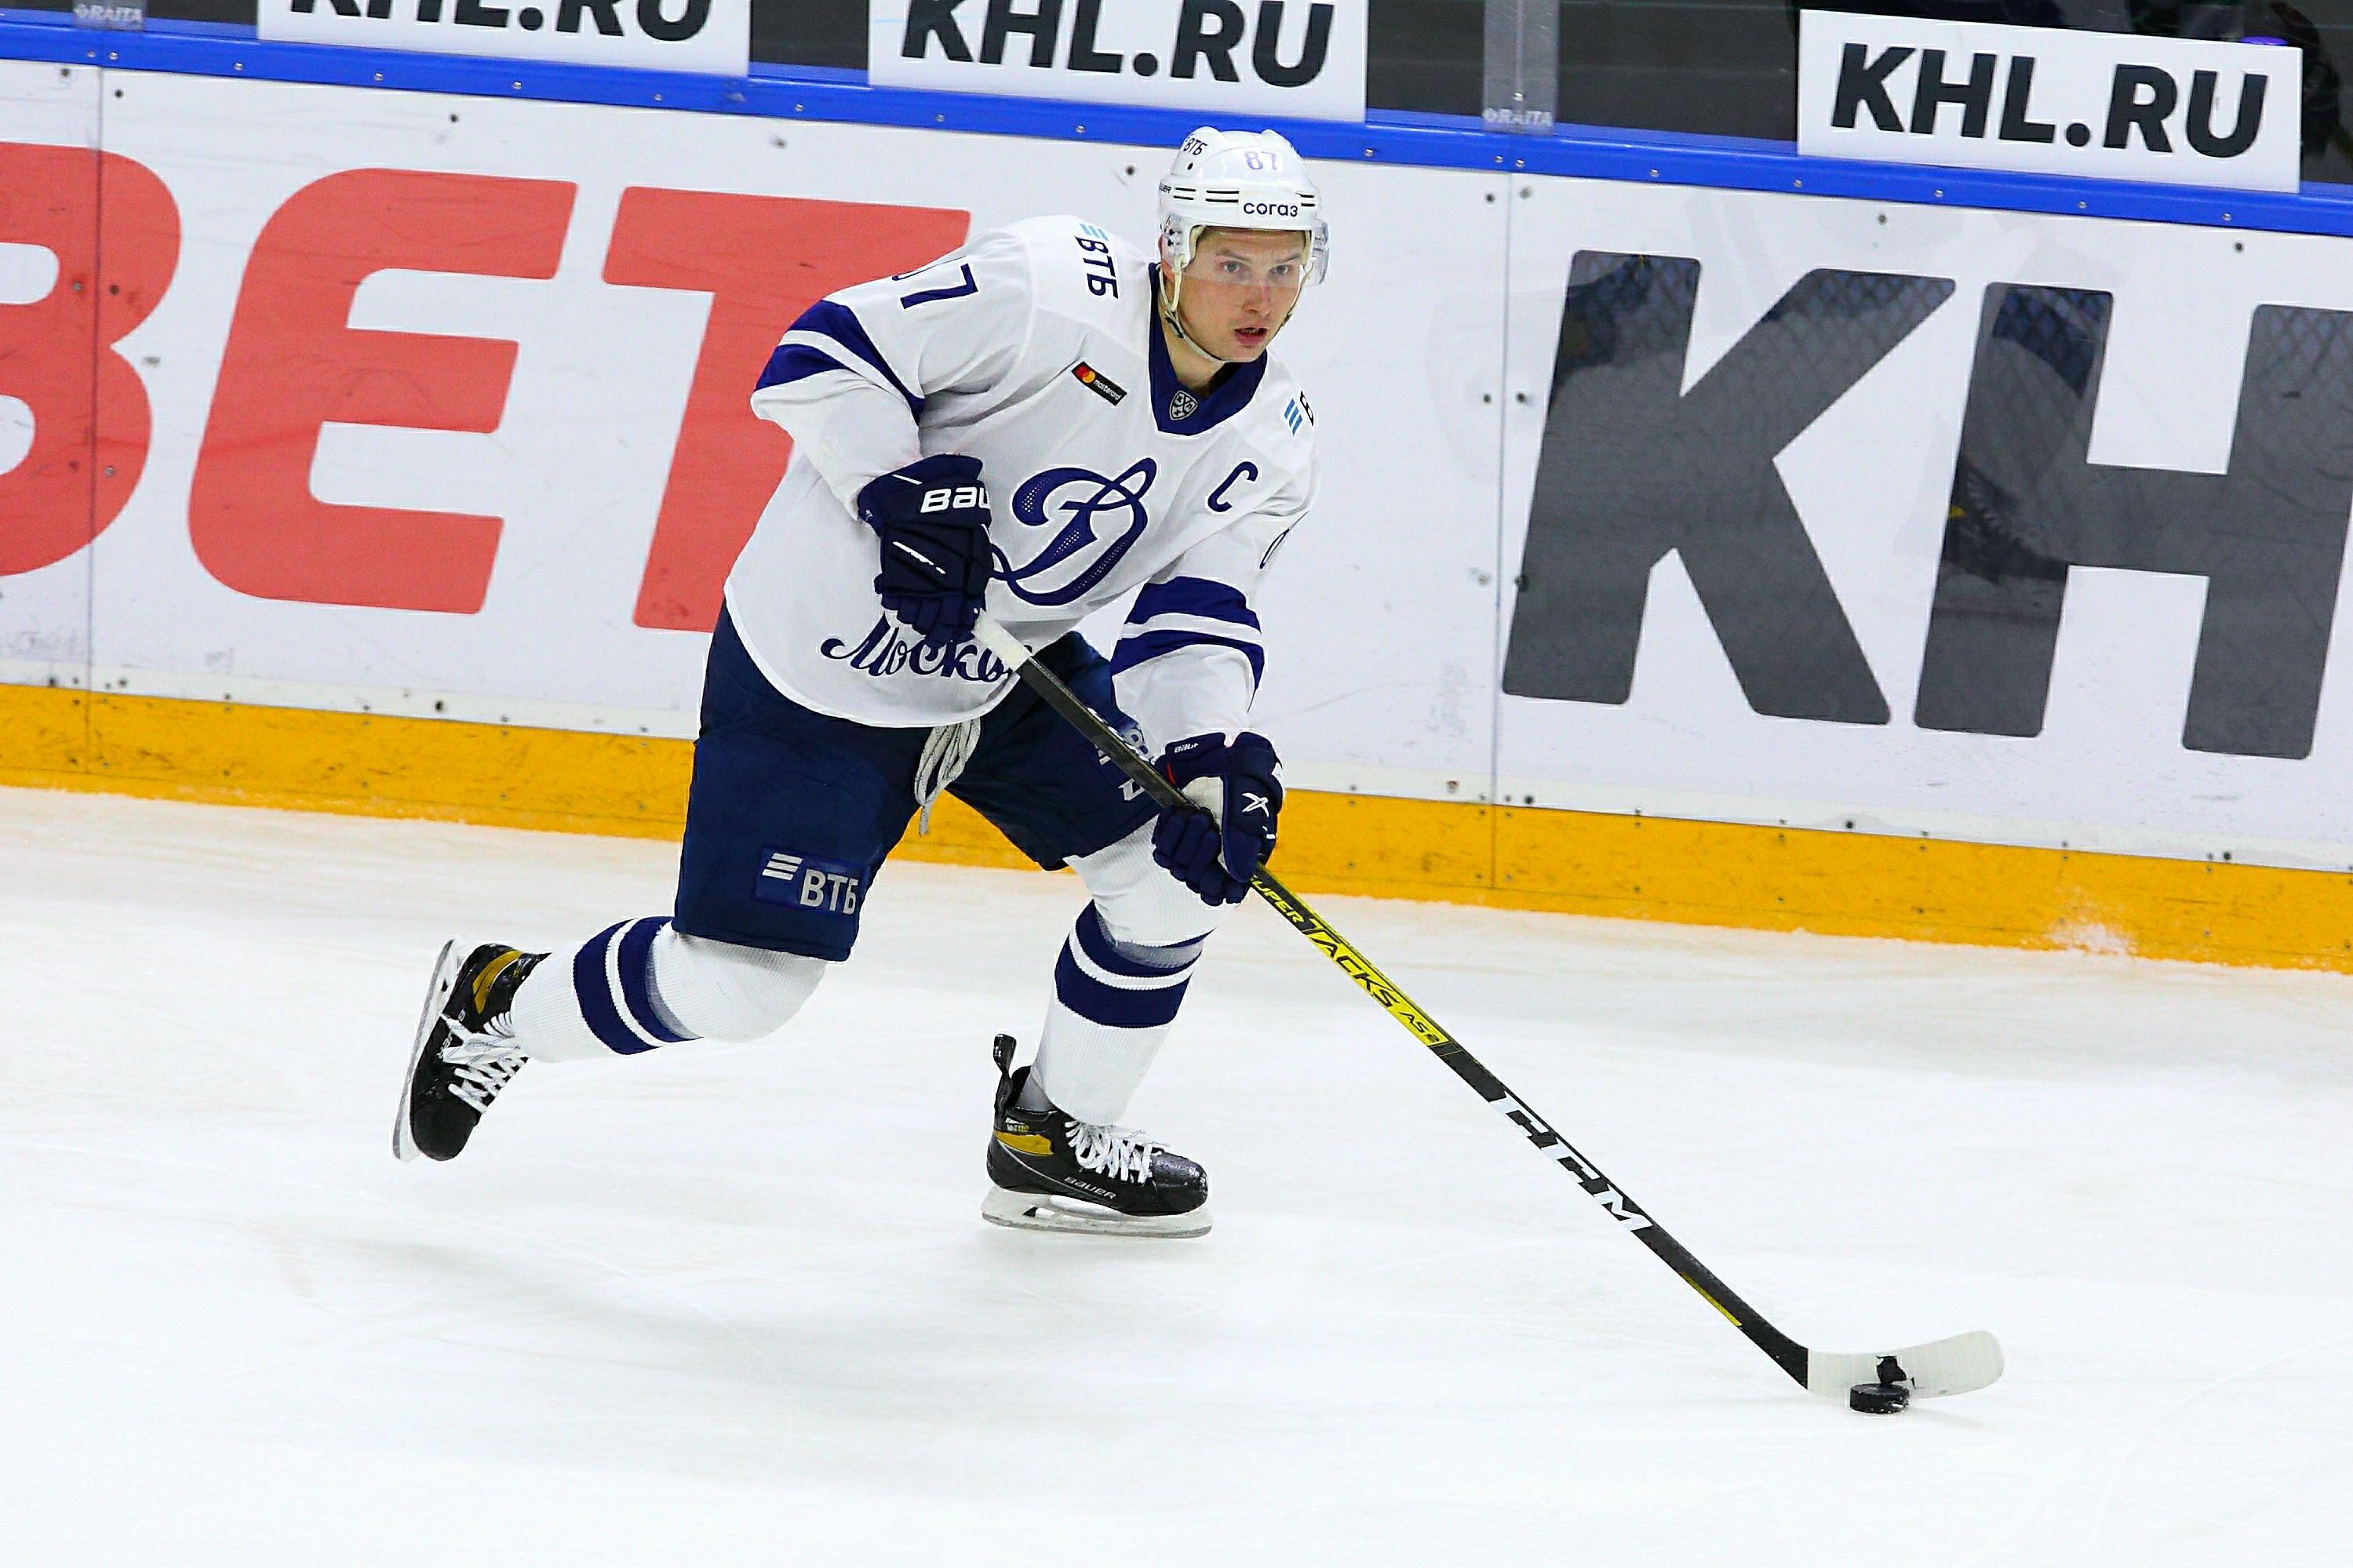 'Динамо' предлагает Шипачёву 240 миллионов рублей за три года